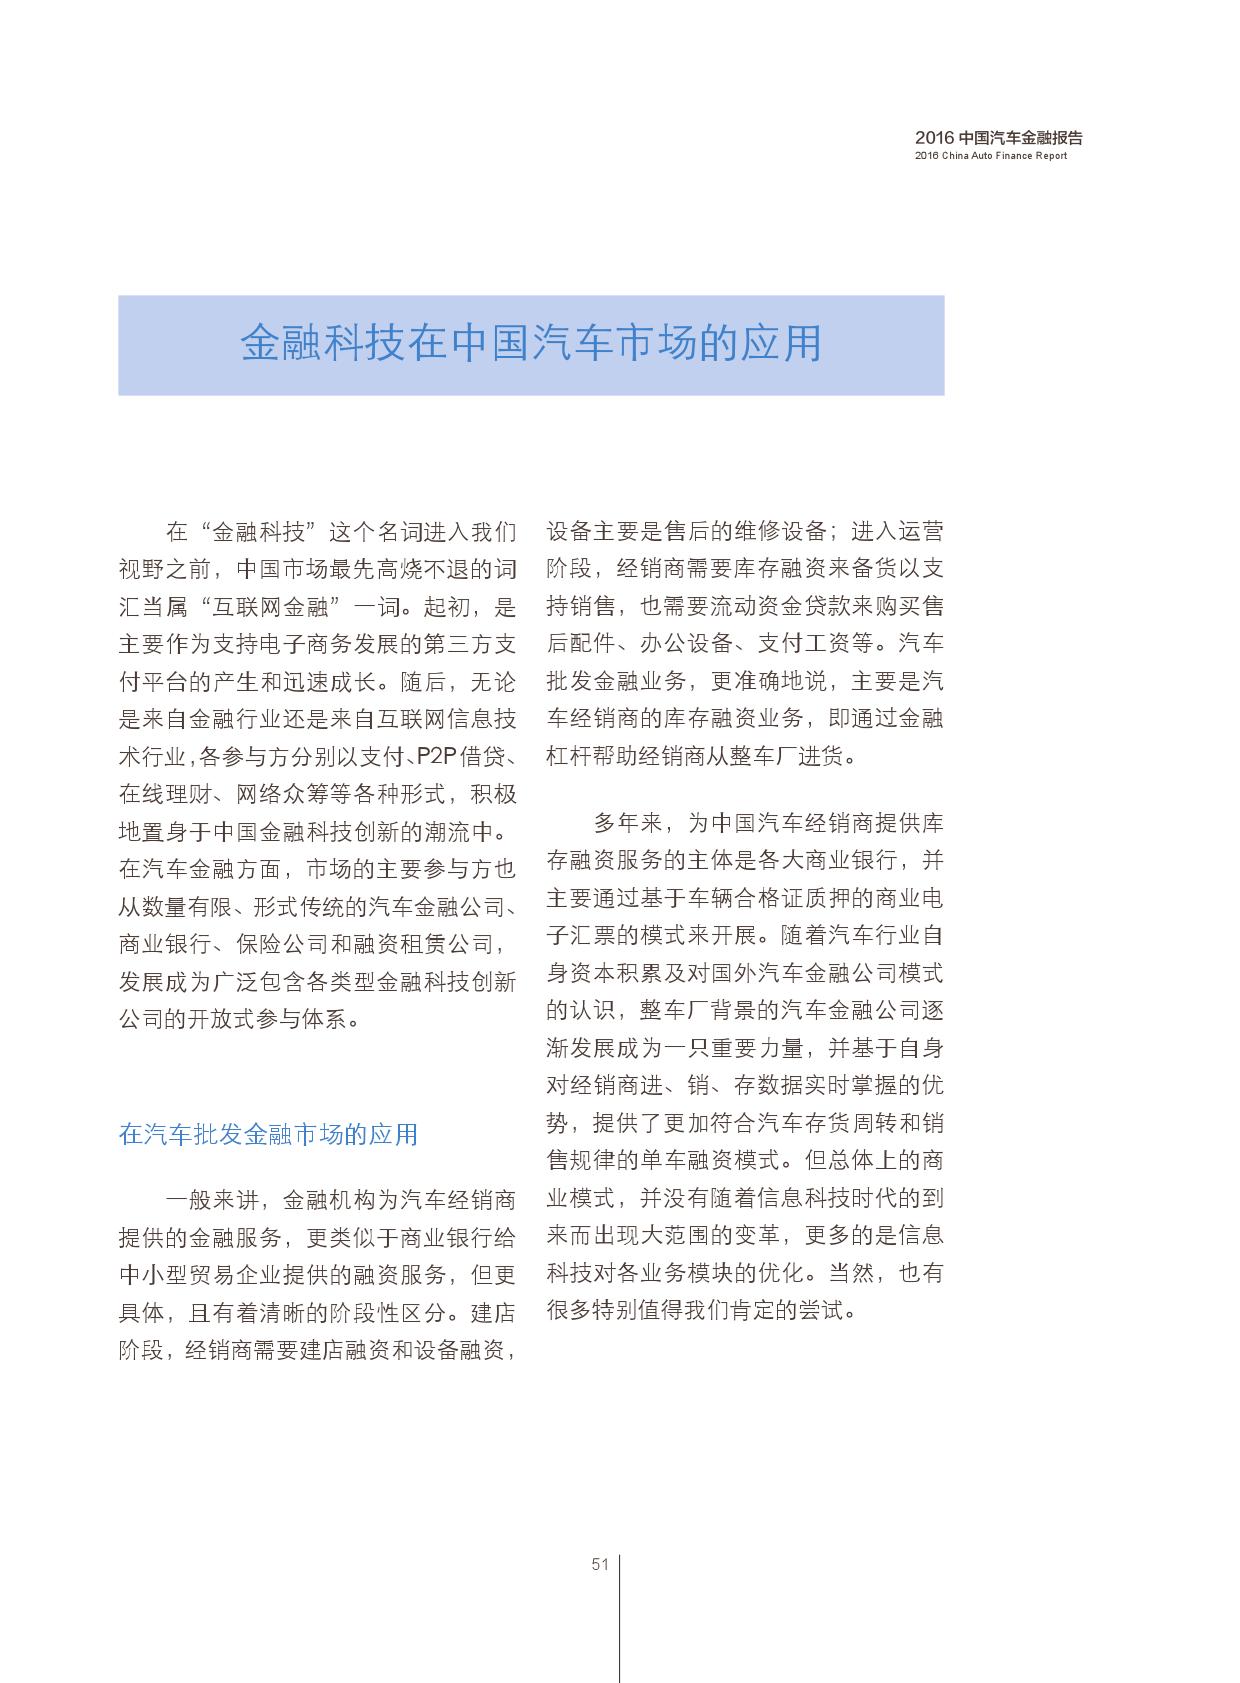 2016中国汽车金融报告_000052